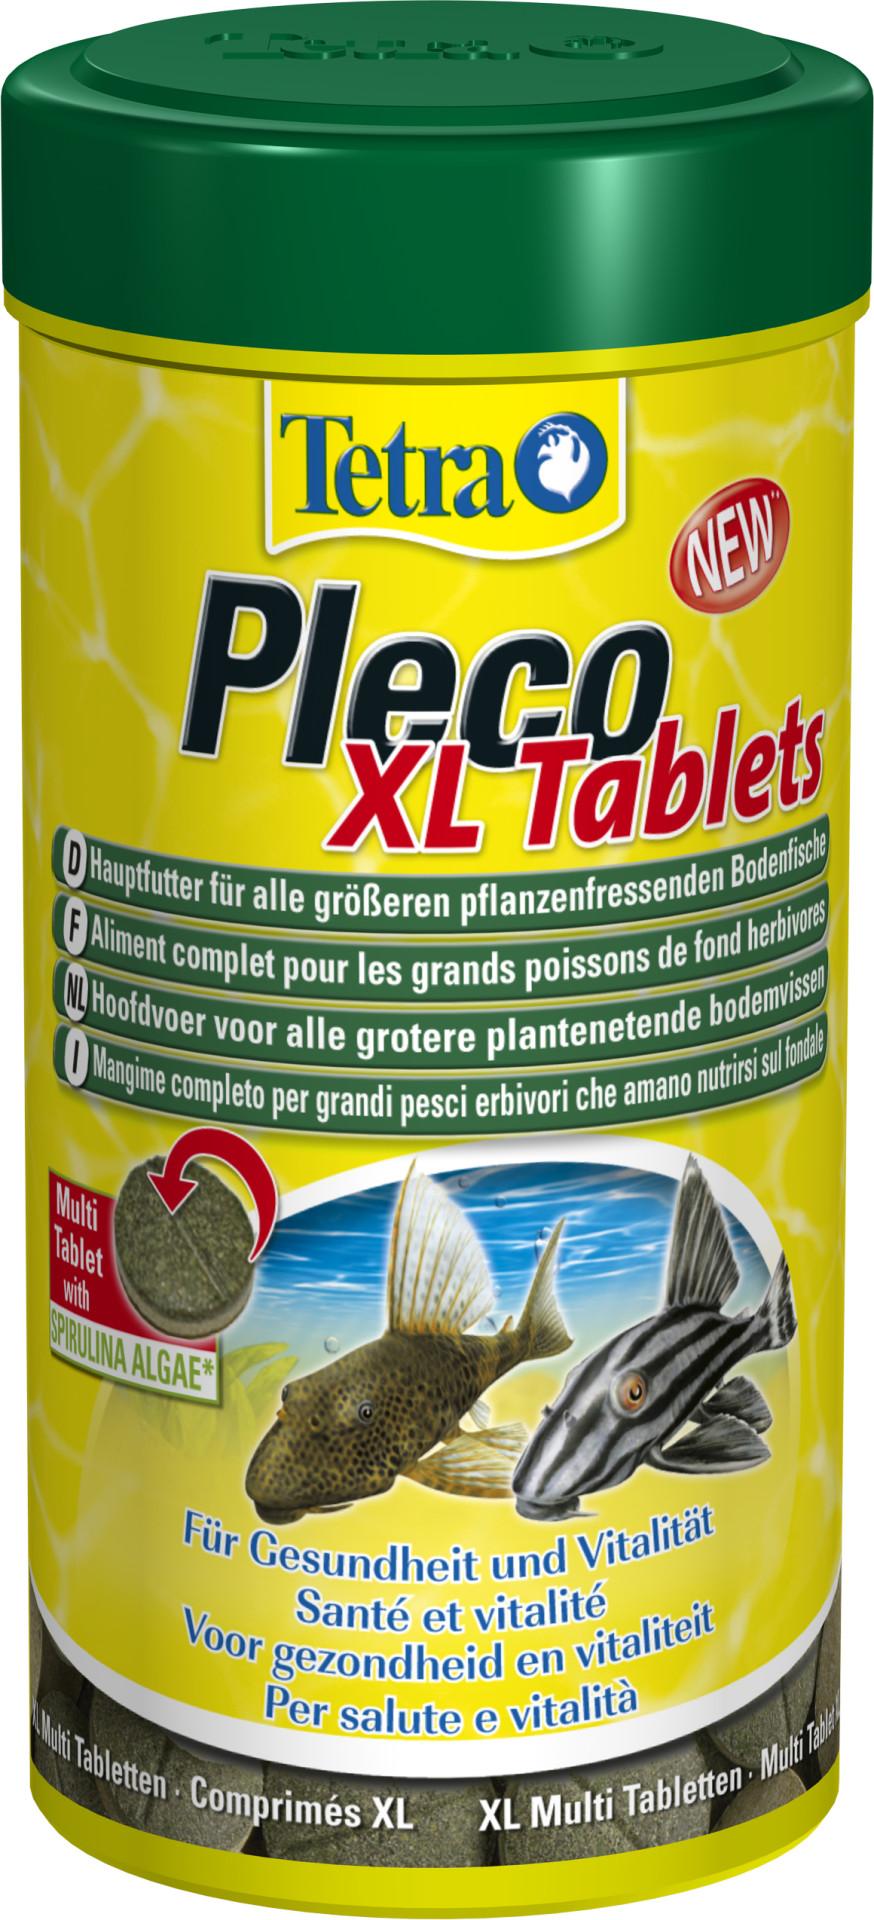 Tetra Pleco XL tablets 133 tabletten